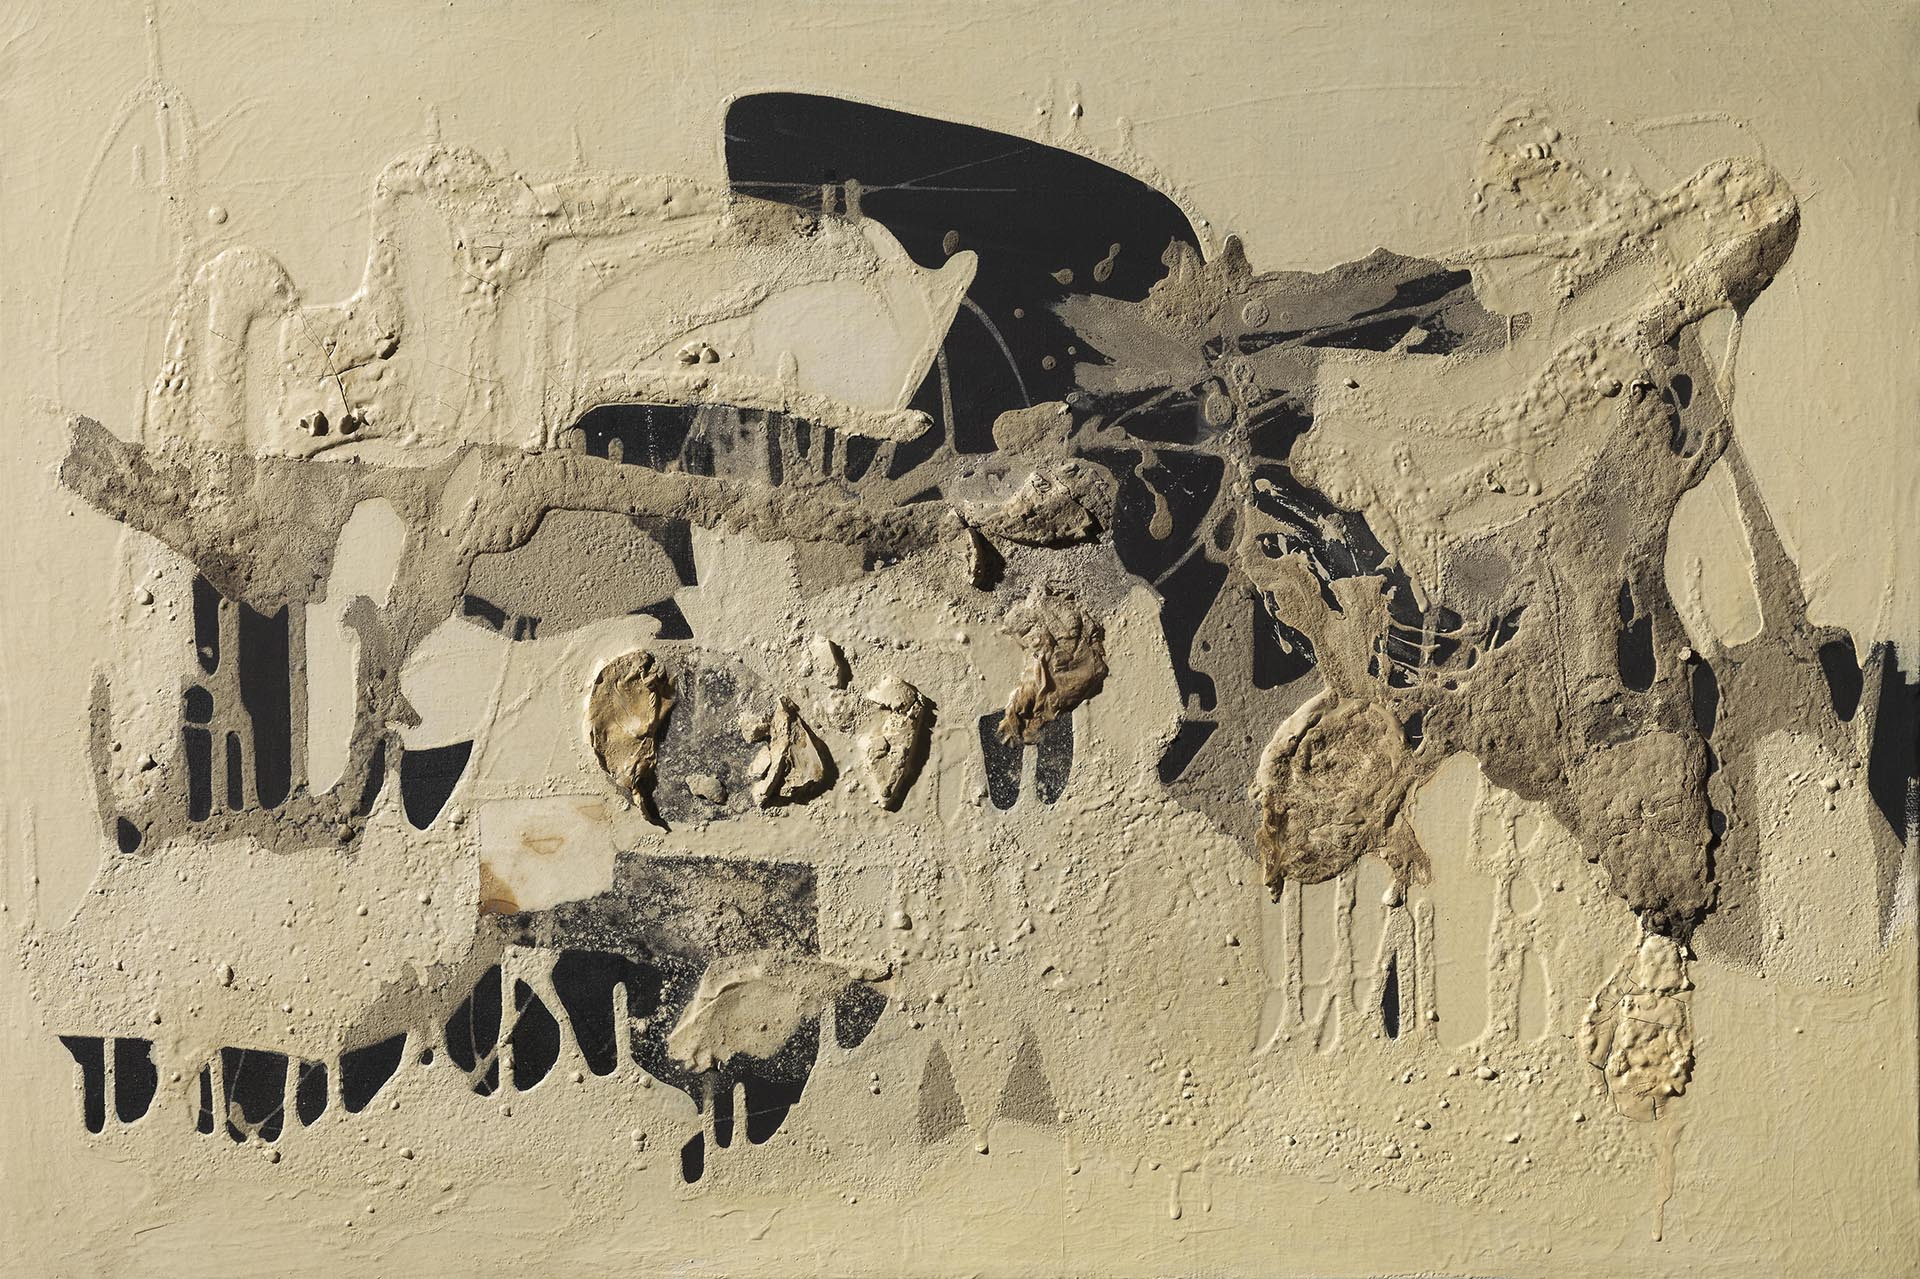 Burri, Muffa, 1951, 54x81 cm